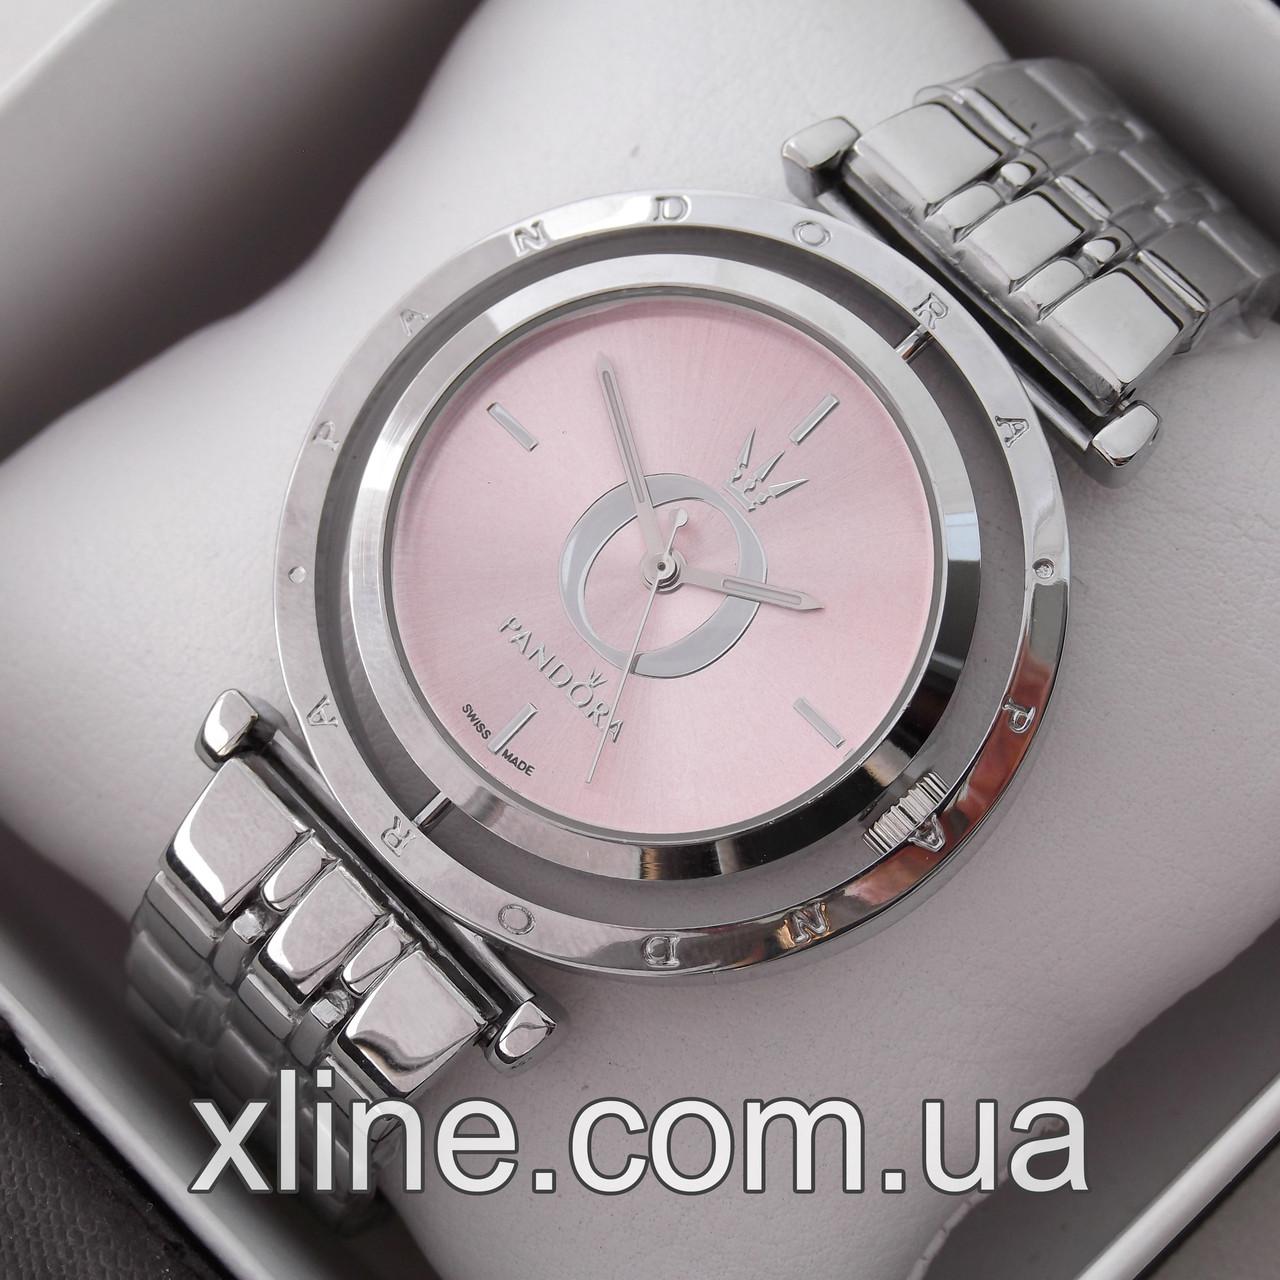 Женские наручные часы Pandora M258 на металлическом браслете